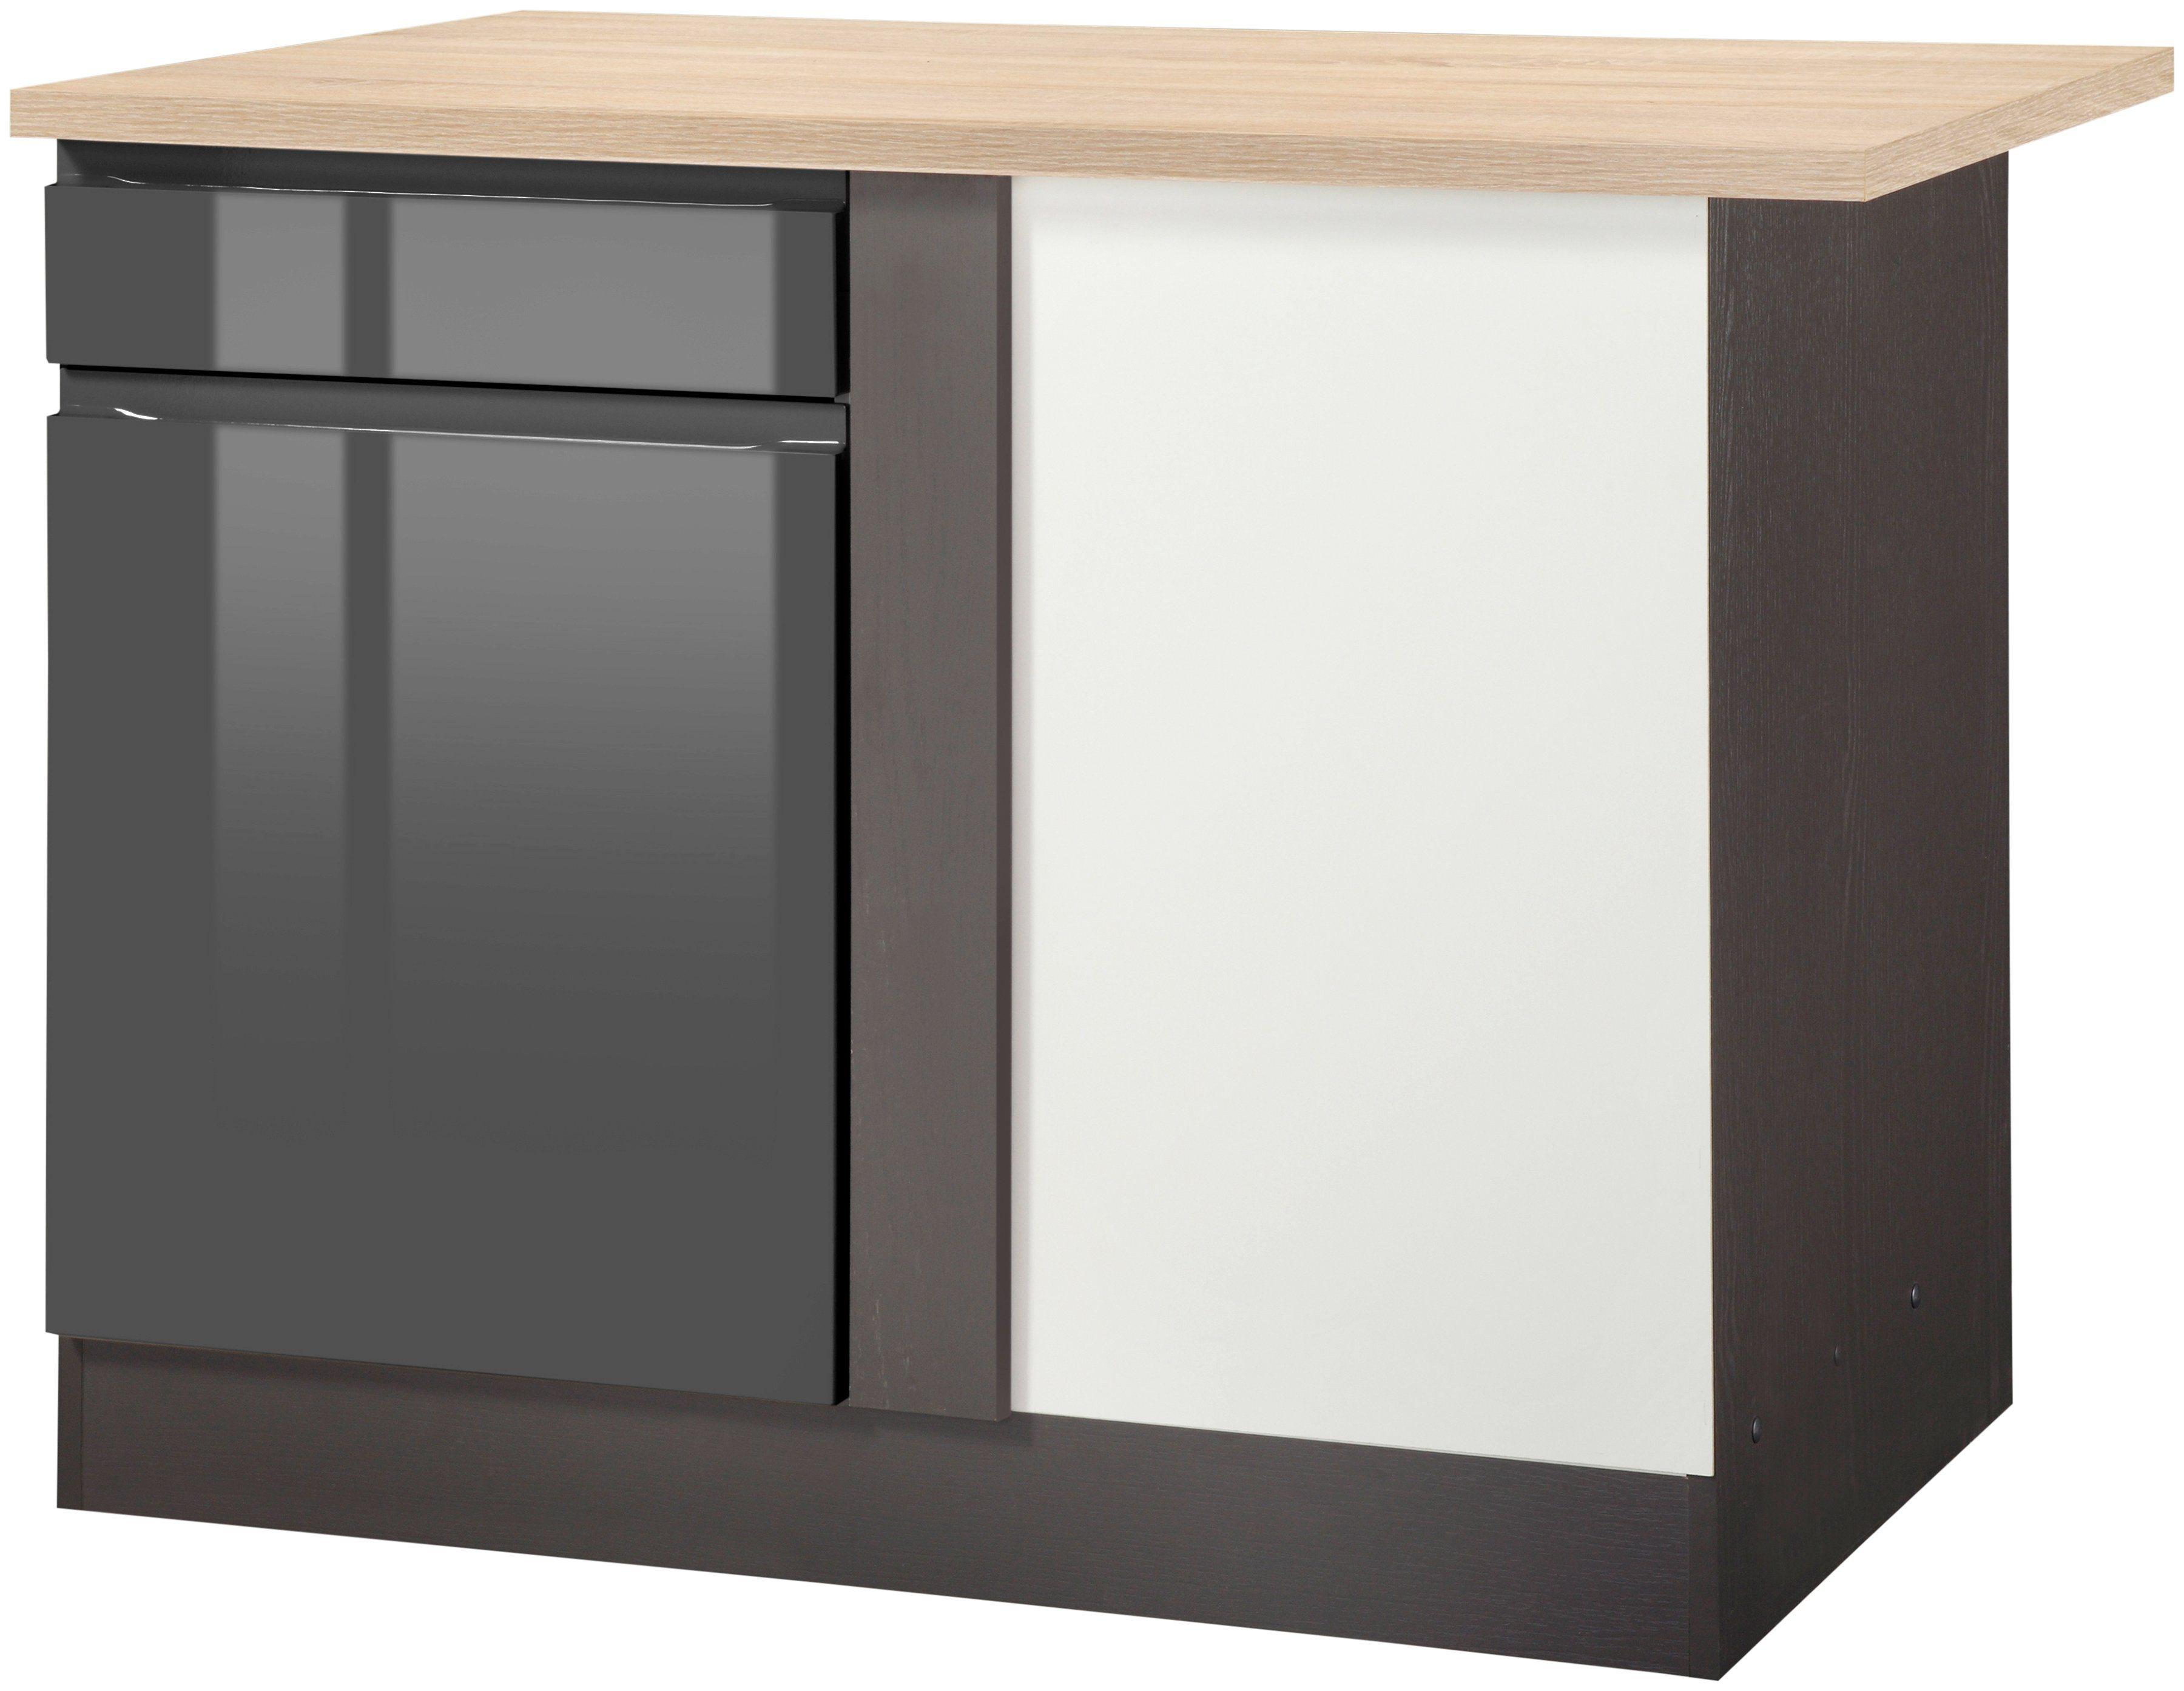 landmoebel Küchen-Unterschränke online kaufen | Möbel-Suchmaschine ...